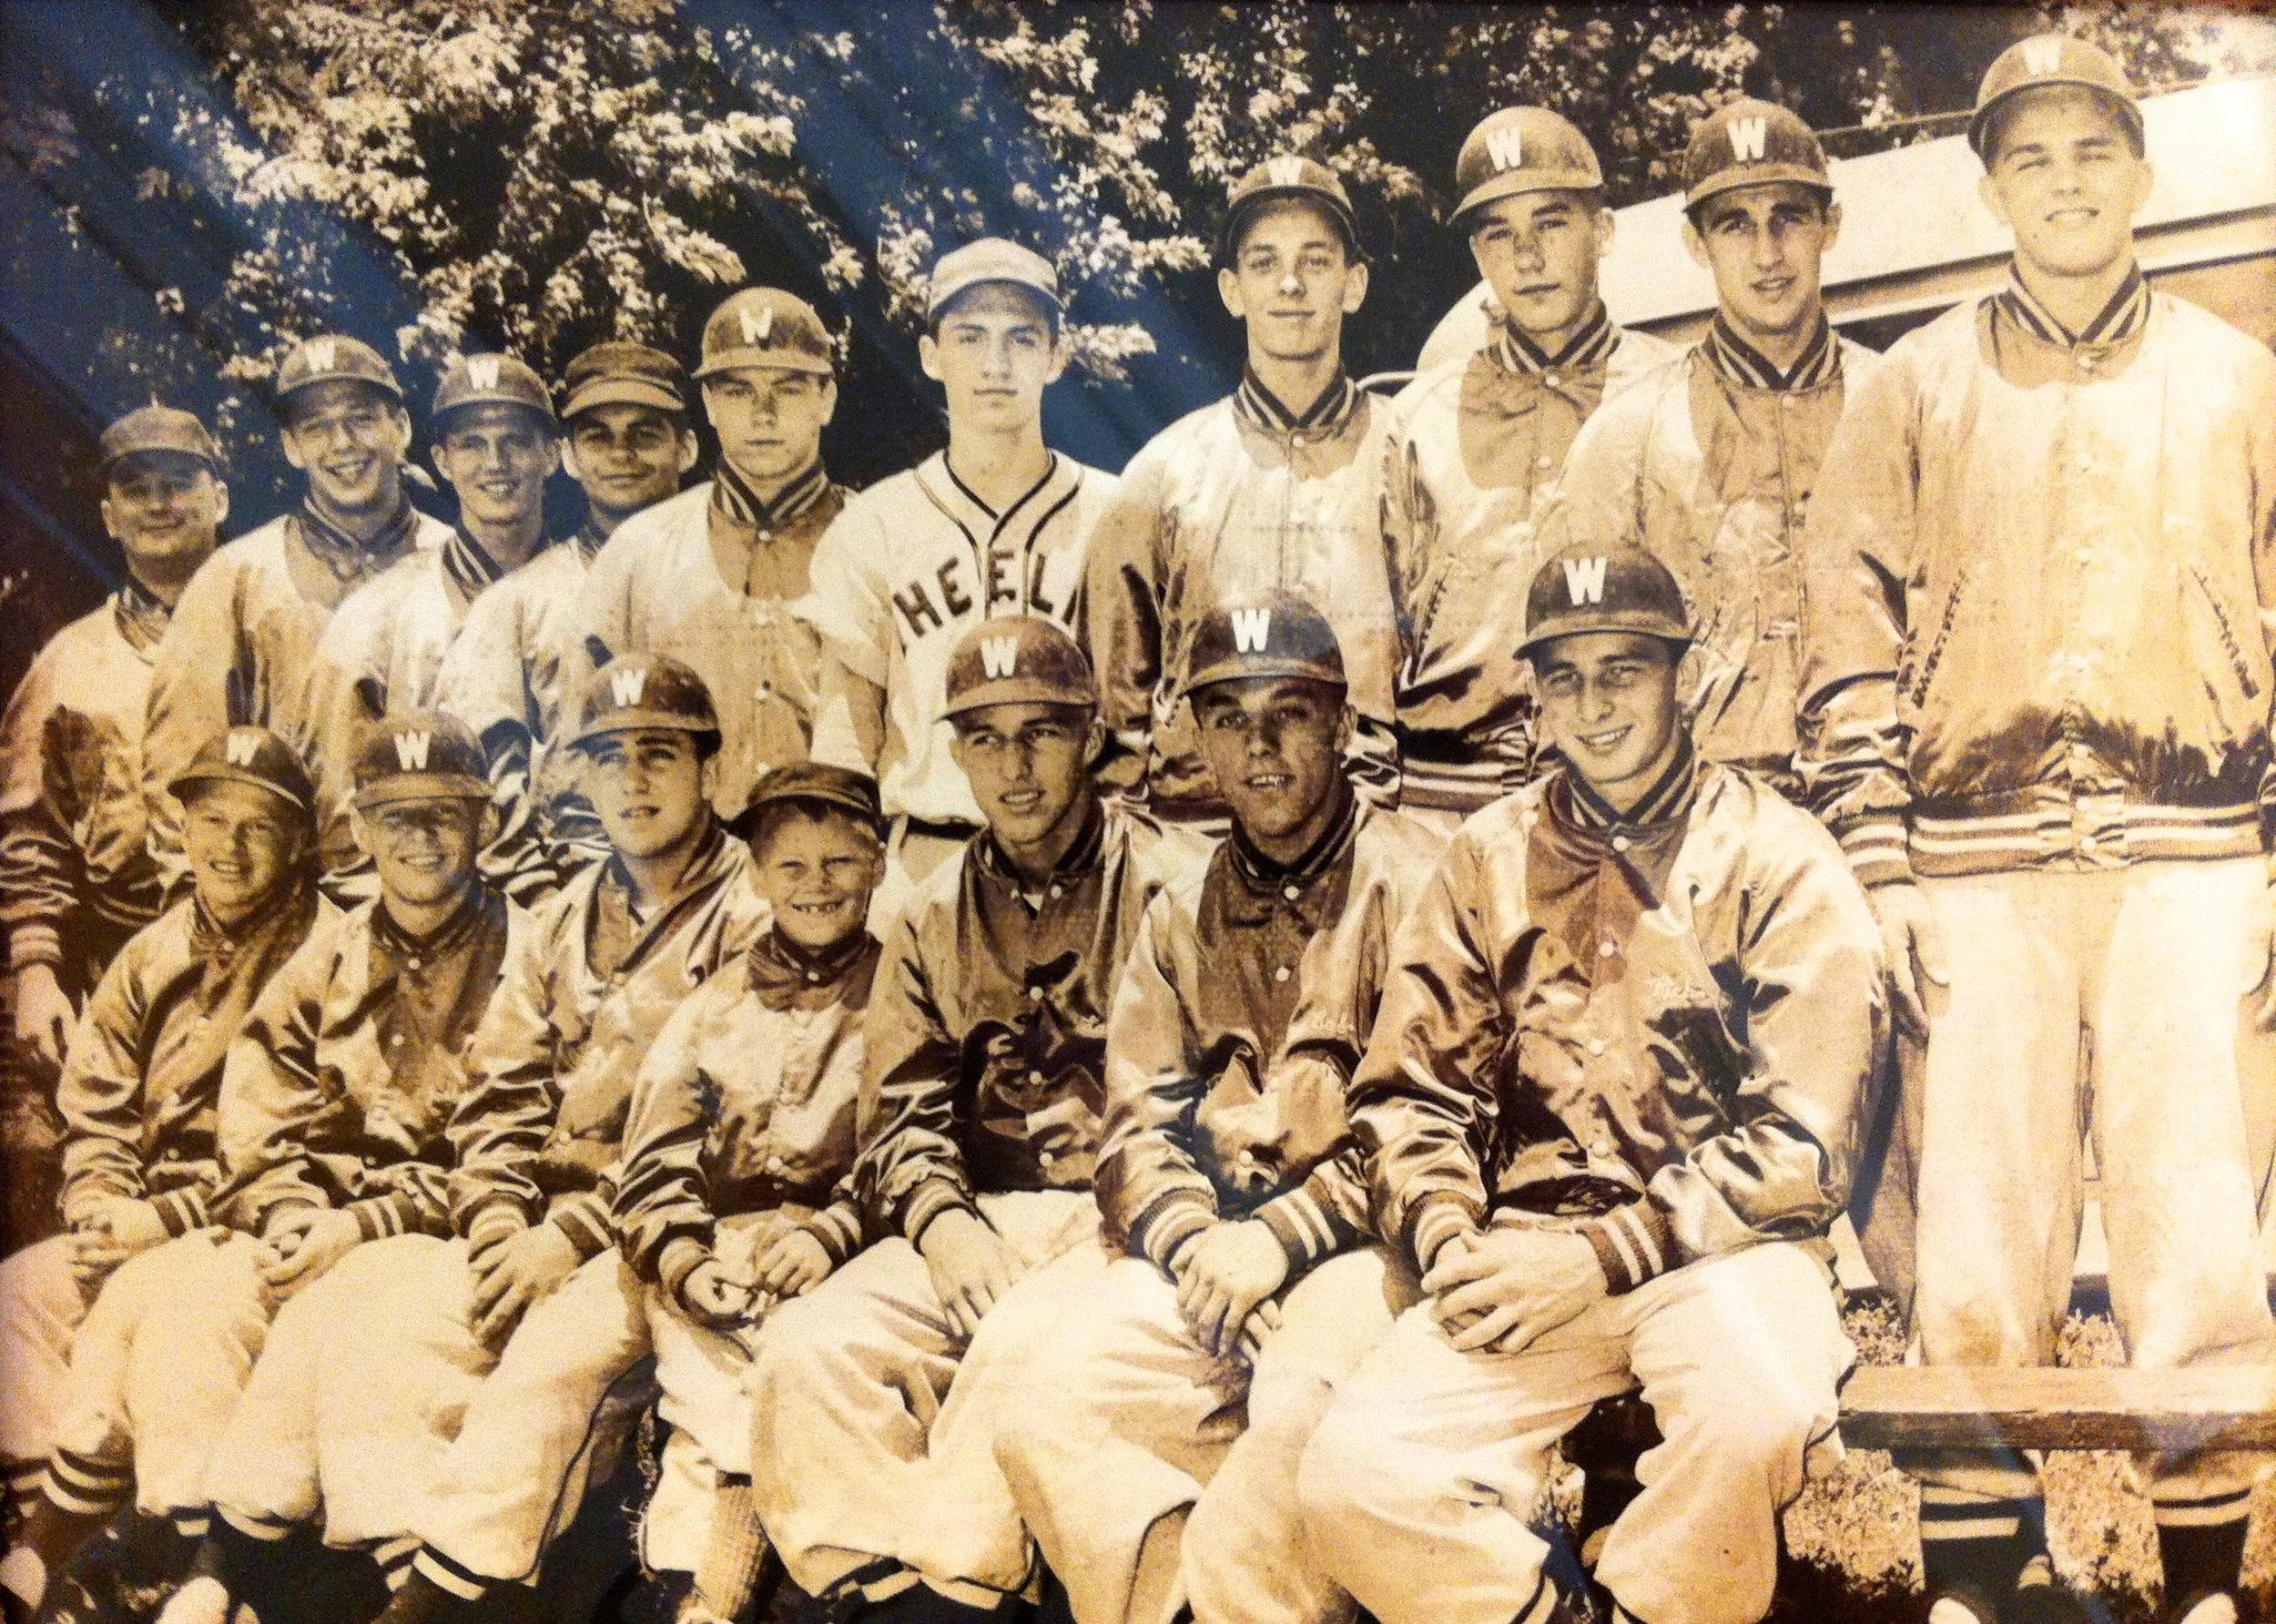 Seated L-R: Leo Hollein (Linsly), Joel Armentrout (Warwood), Tom Seamon (Triadelphia), David Zarnoch (Bat Boy), Larry Walters (Triad.), Bob Flading (Wheeling Central), Rich Green (Warwood)  Standing L-R: Tipper Zarnoch, Bob Weiss (Triad.), Frank Paczewski (Whg.), Larry Wells (Linsly), Don Milligan (Triad.), Frank Auth (Linsly), Bob Peyton (Triad.), Don Mullarkey (Triad.), Don Tennant (Whg.), Joe Maestle (Wheeling Central)